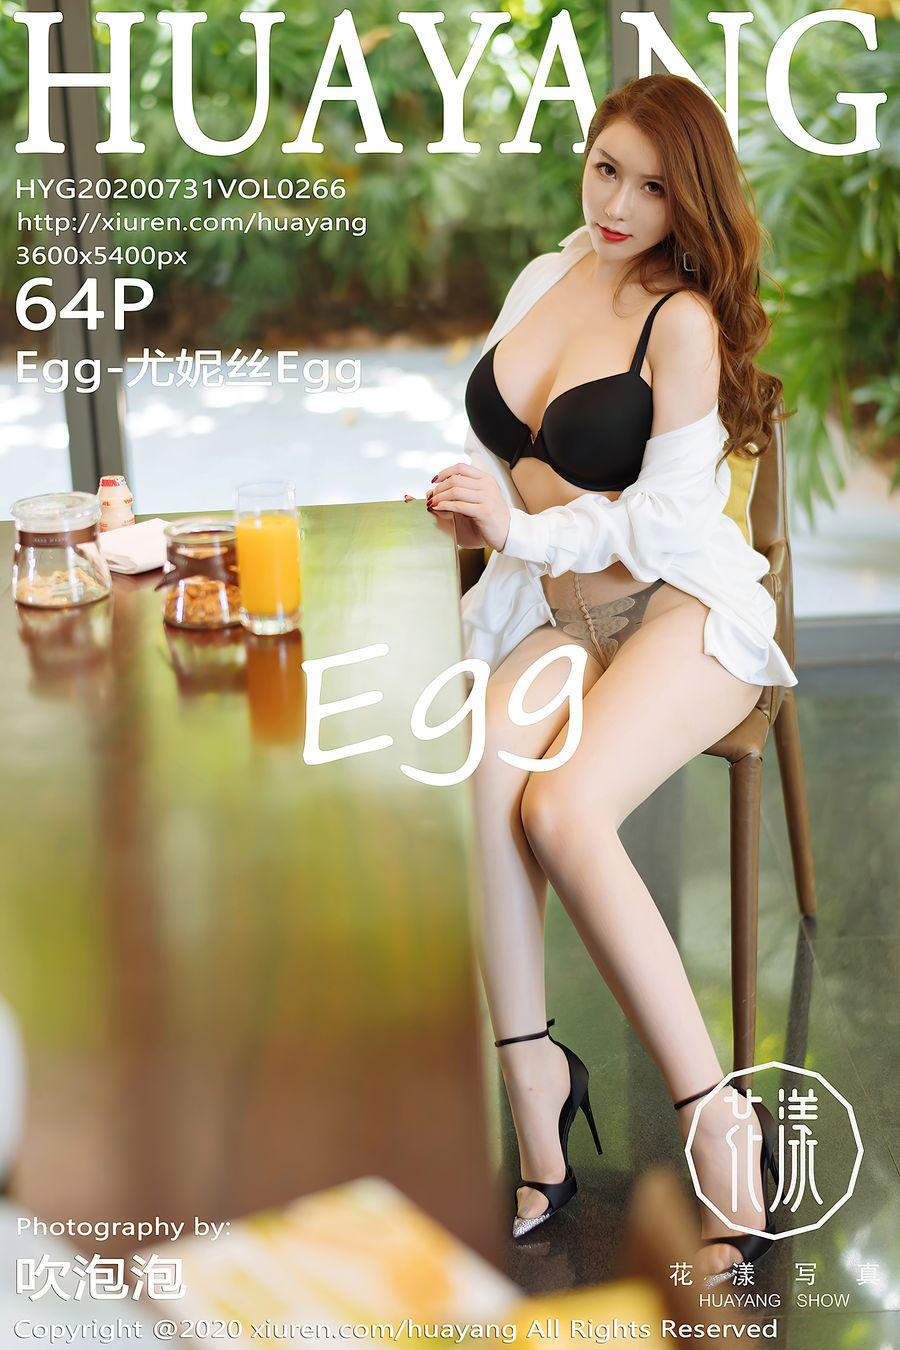 [HuaYang花漾] VOL.266 Egg-尤妮丝Egg [64+1P/632M]